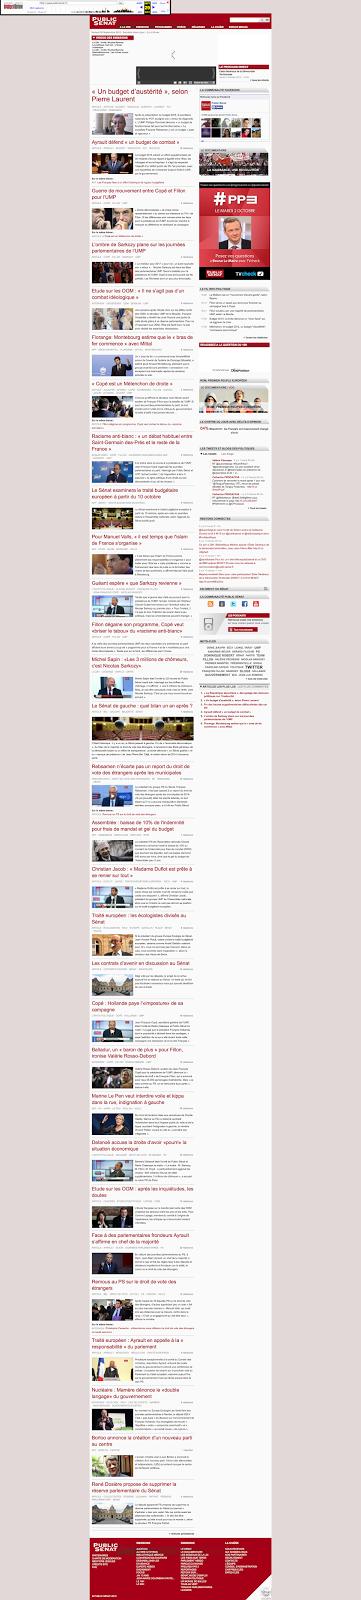 Le fil info Public Sénat en 2012